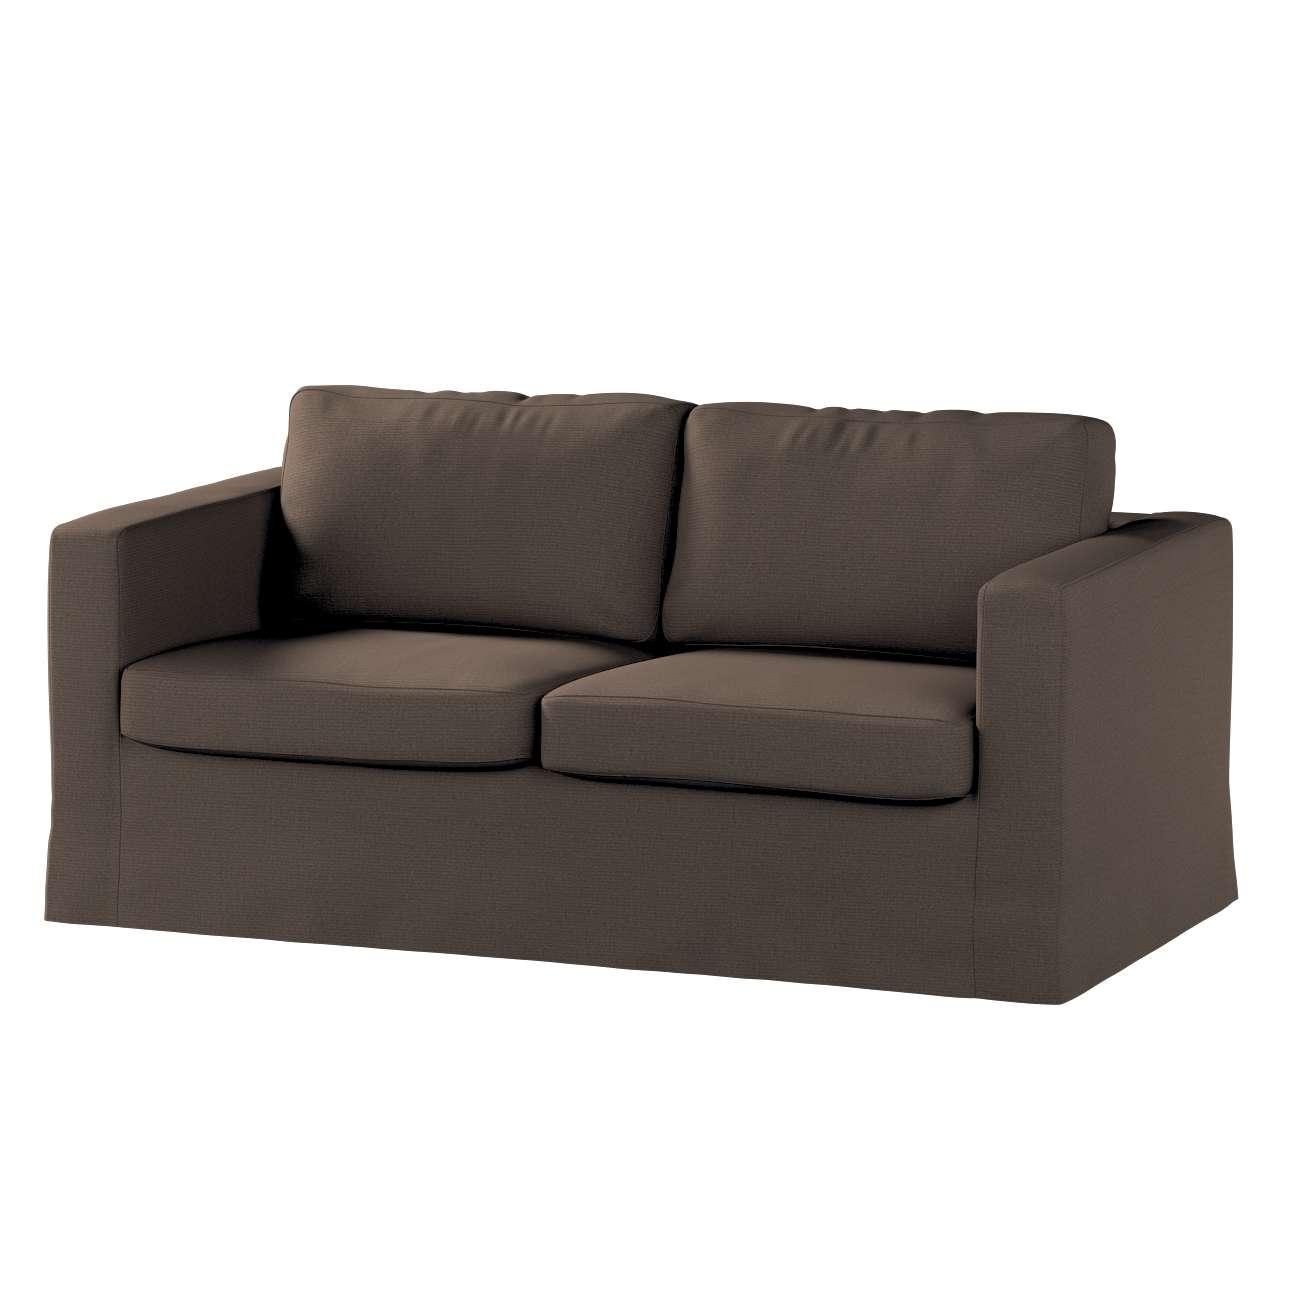 Karlstad 2-Sitzer Sofabezug nicht ausklappbar lang Sofahusse, Karlstad 2-Sitzer von der Kollektion Etna, Stoff: 705-08